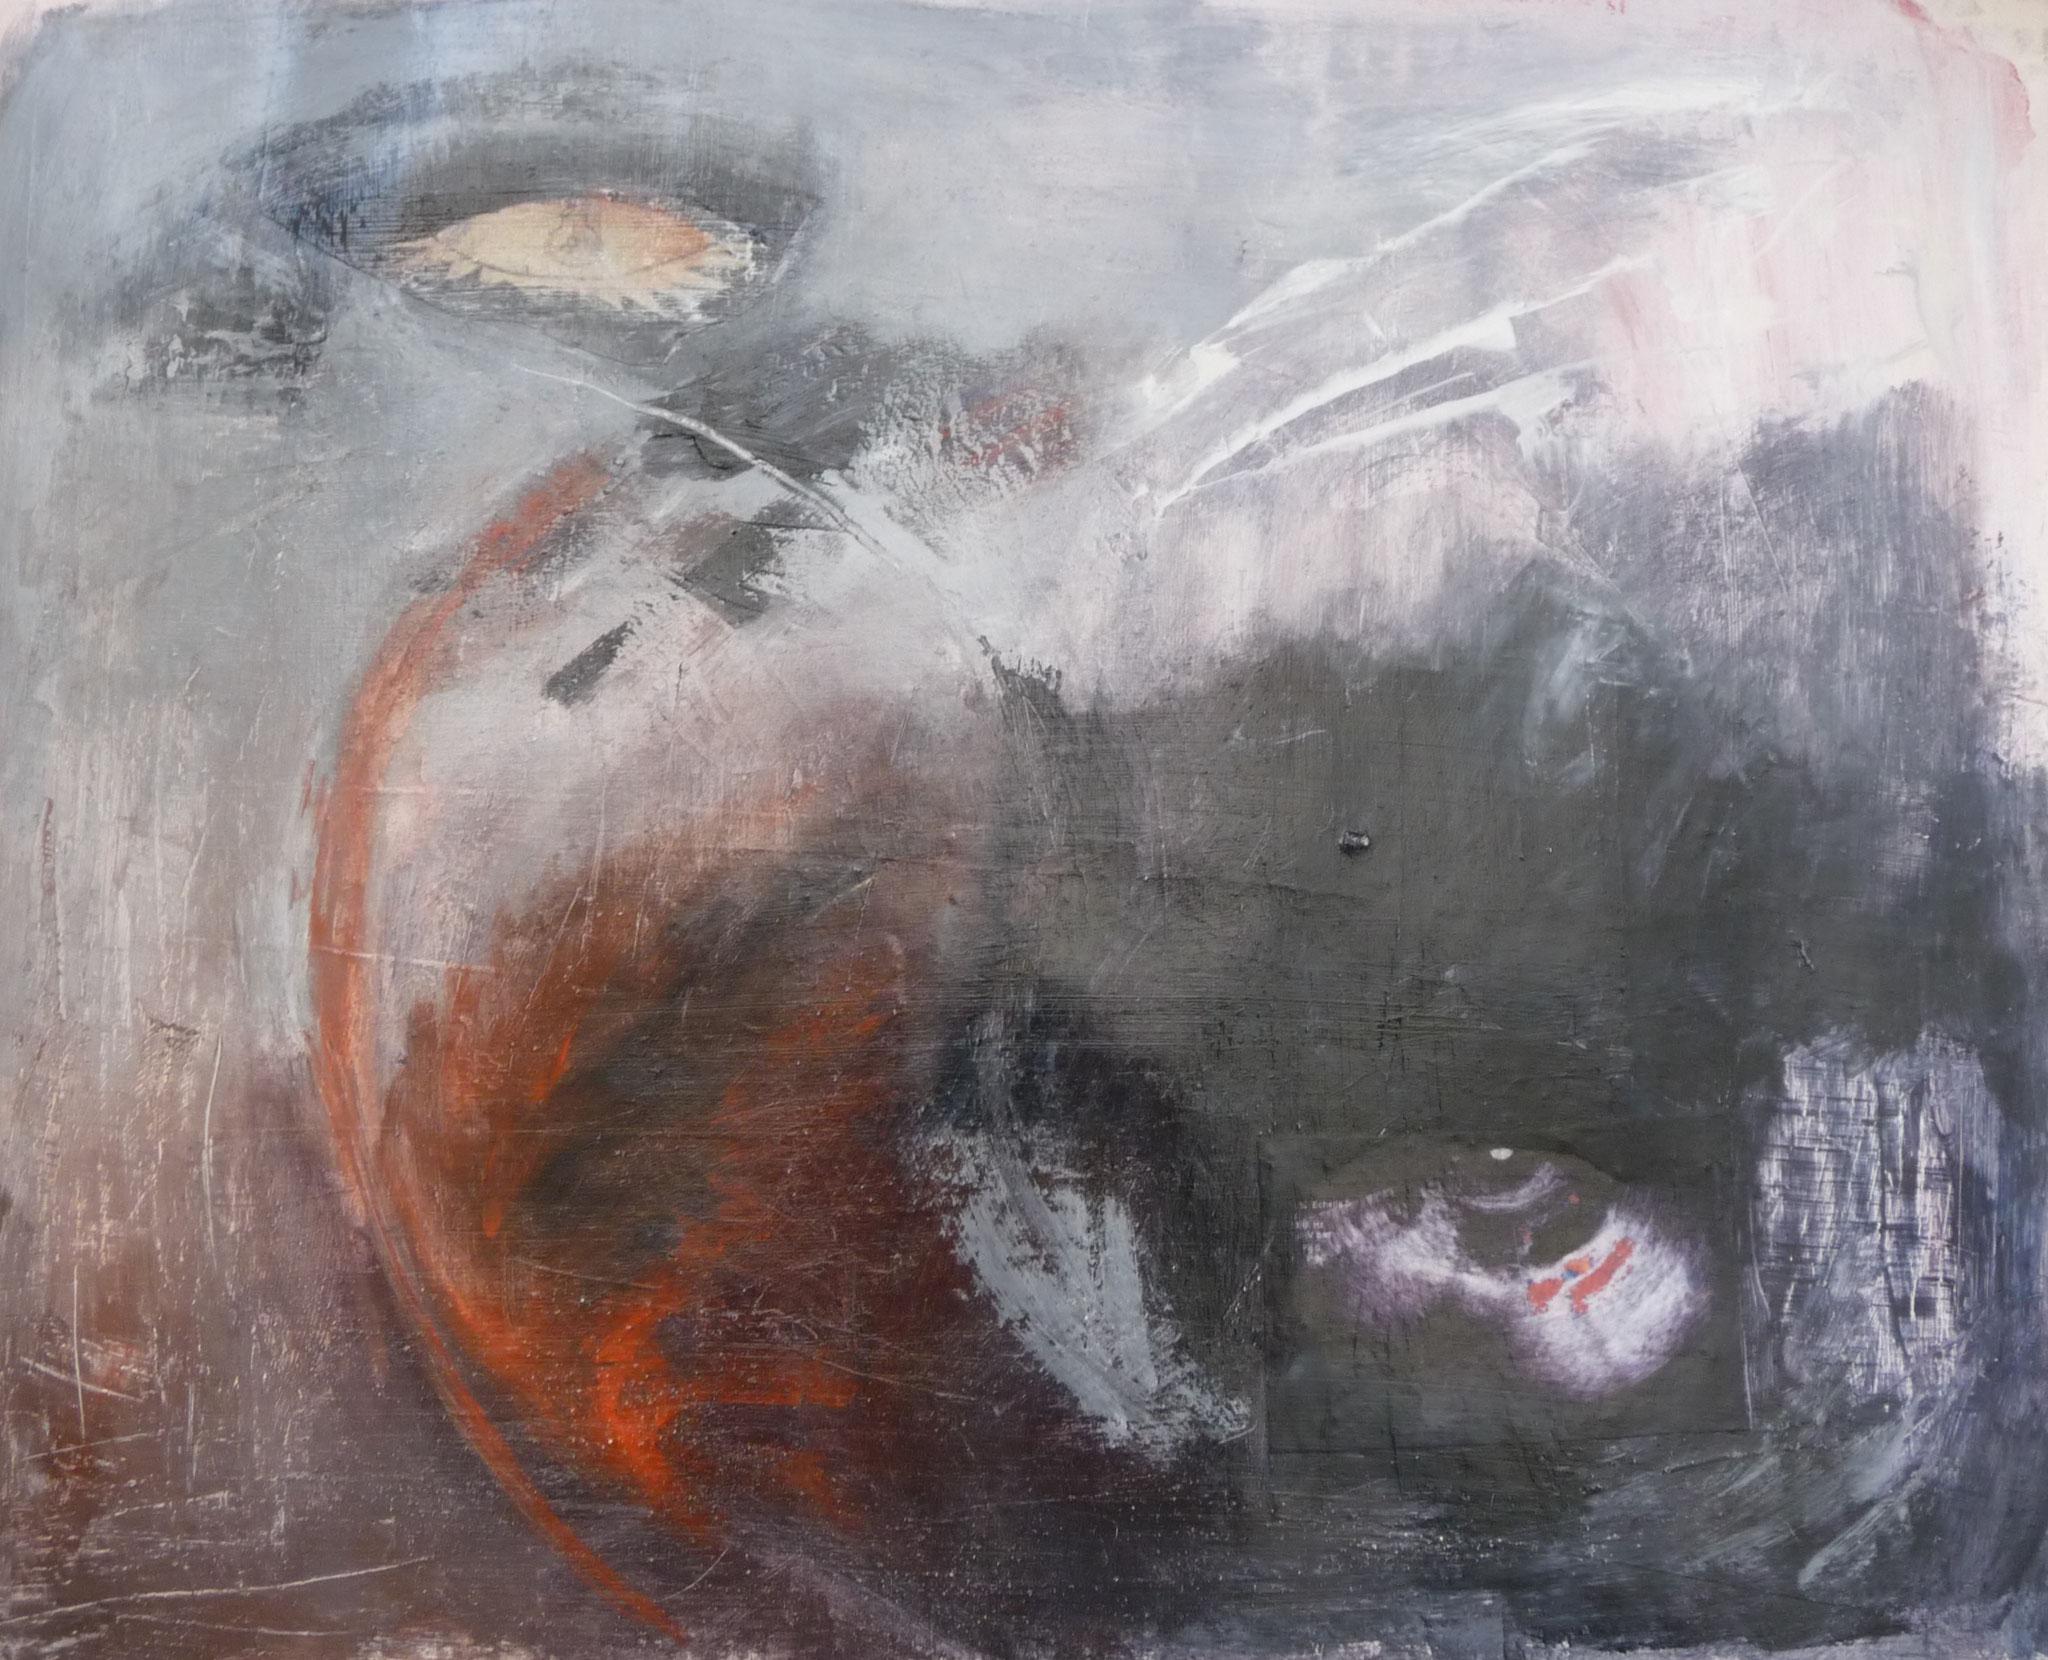 Planche de mémoire 3   ---   2010 - Acrylique - 45 x 60 cm